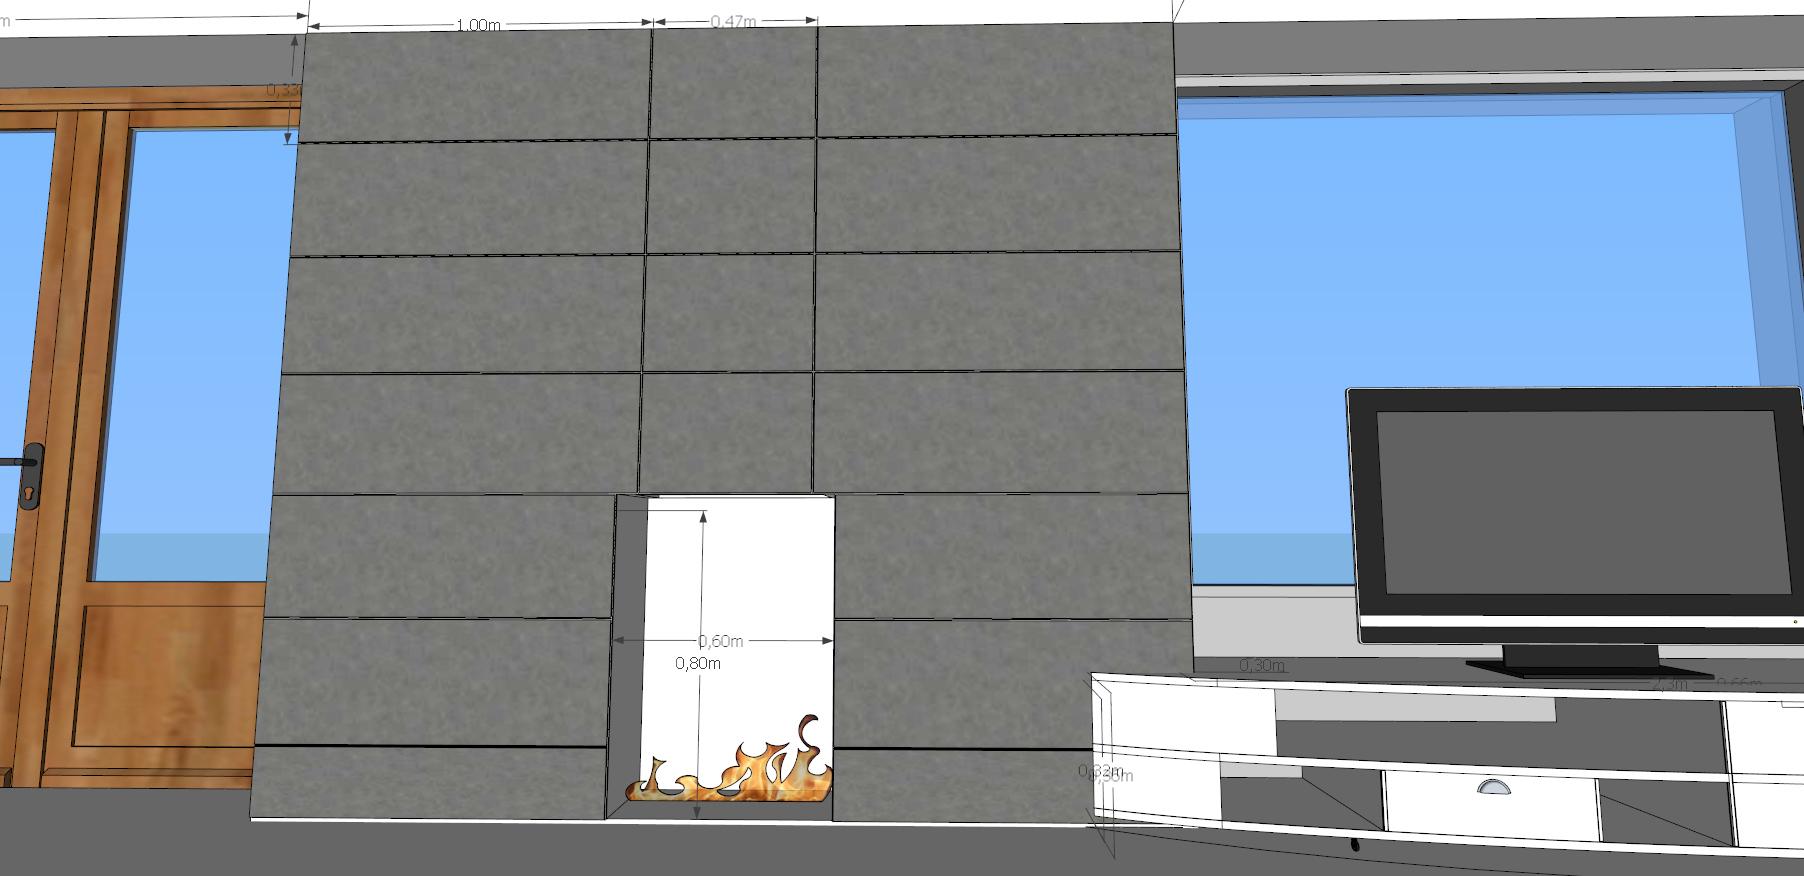 Am nagement int rieur et meuble 3d marseille for Amenagement interieur 3d